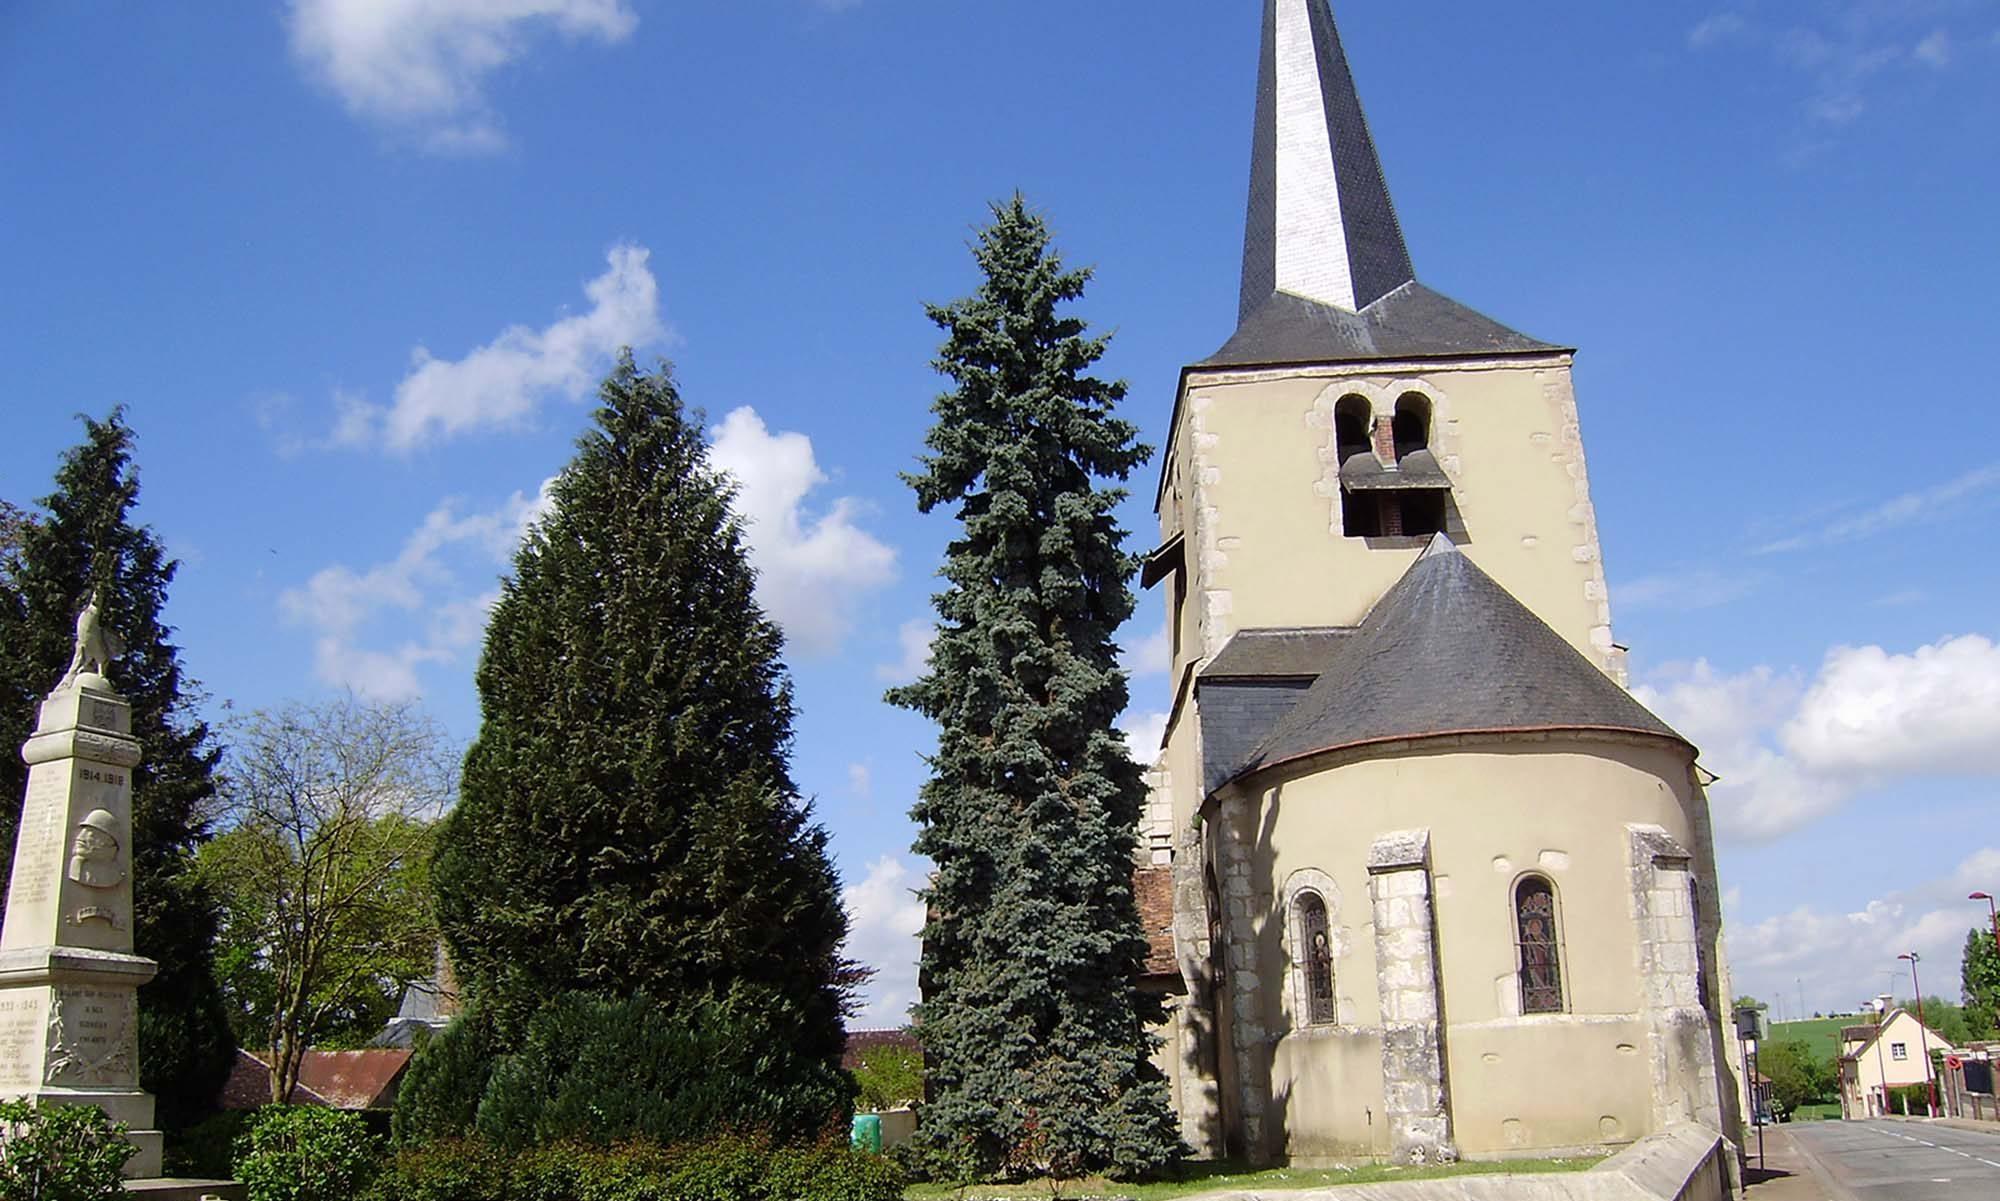 Aillant-sur-Milleron Loiret